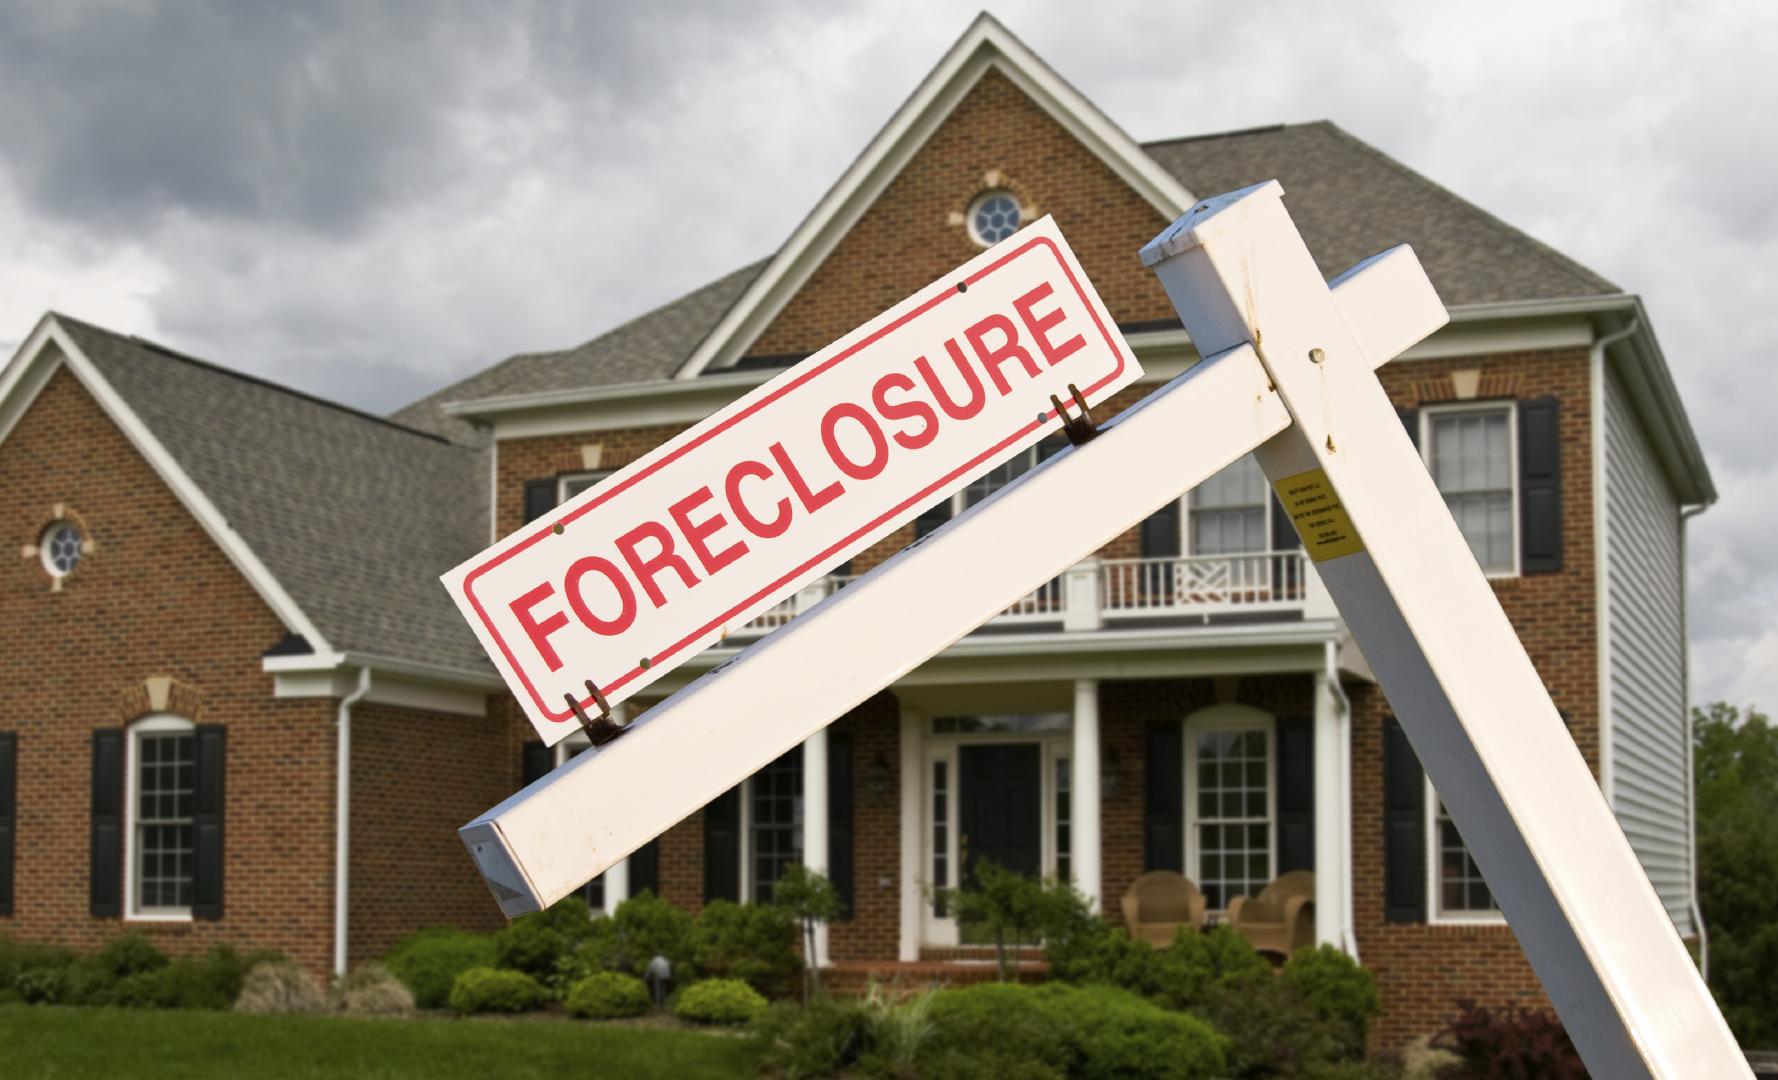 Foreclosureii